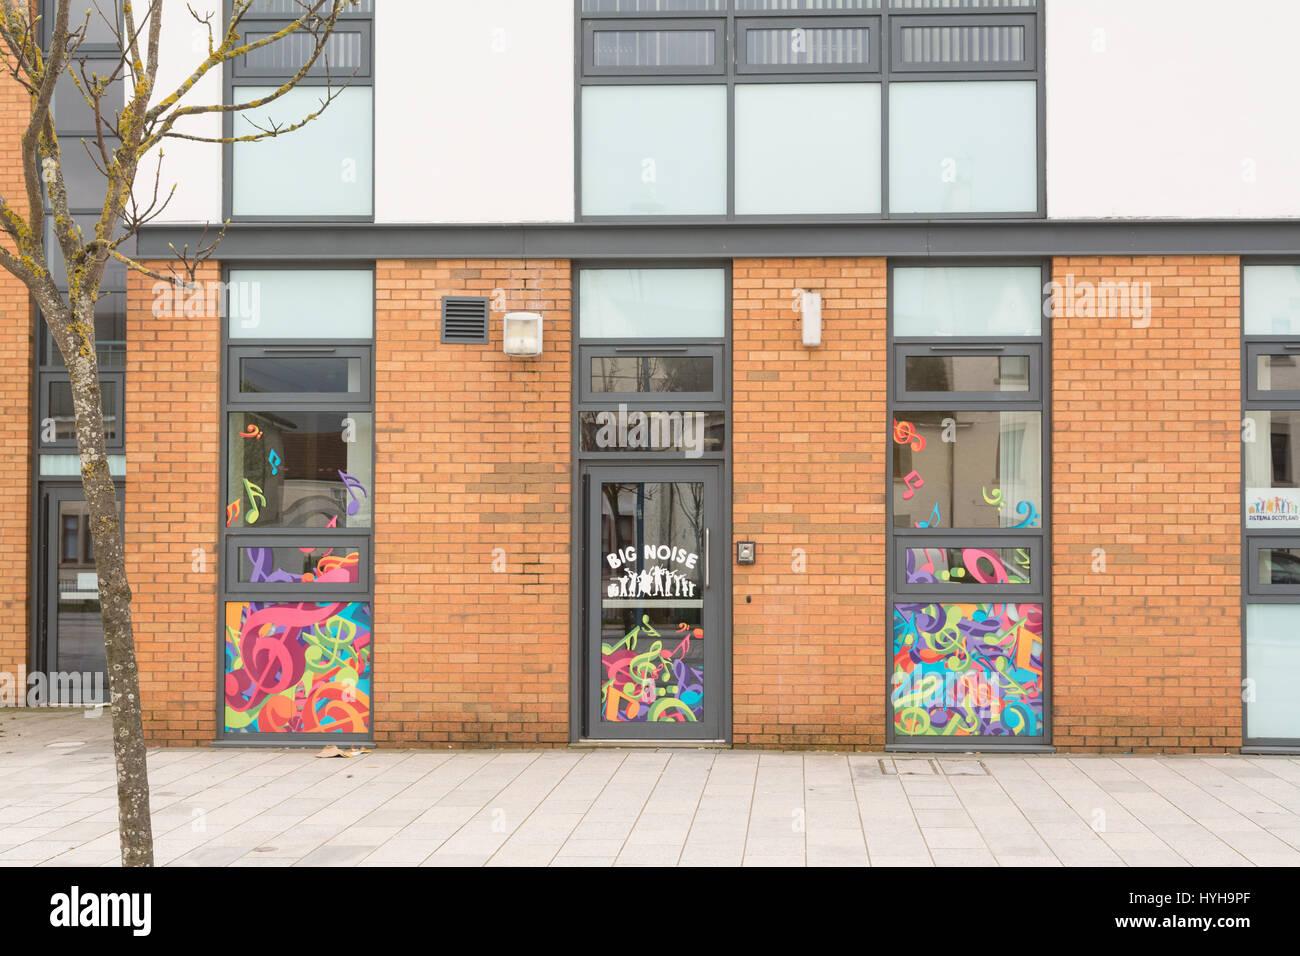 Raploch Community Campus, Big Noise children's orchestra, Raploch, Stirling, Scotland, UK - Stock Image